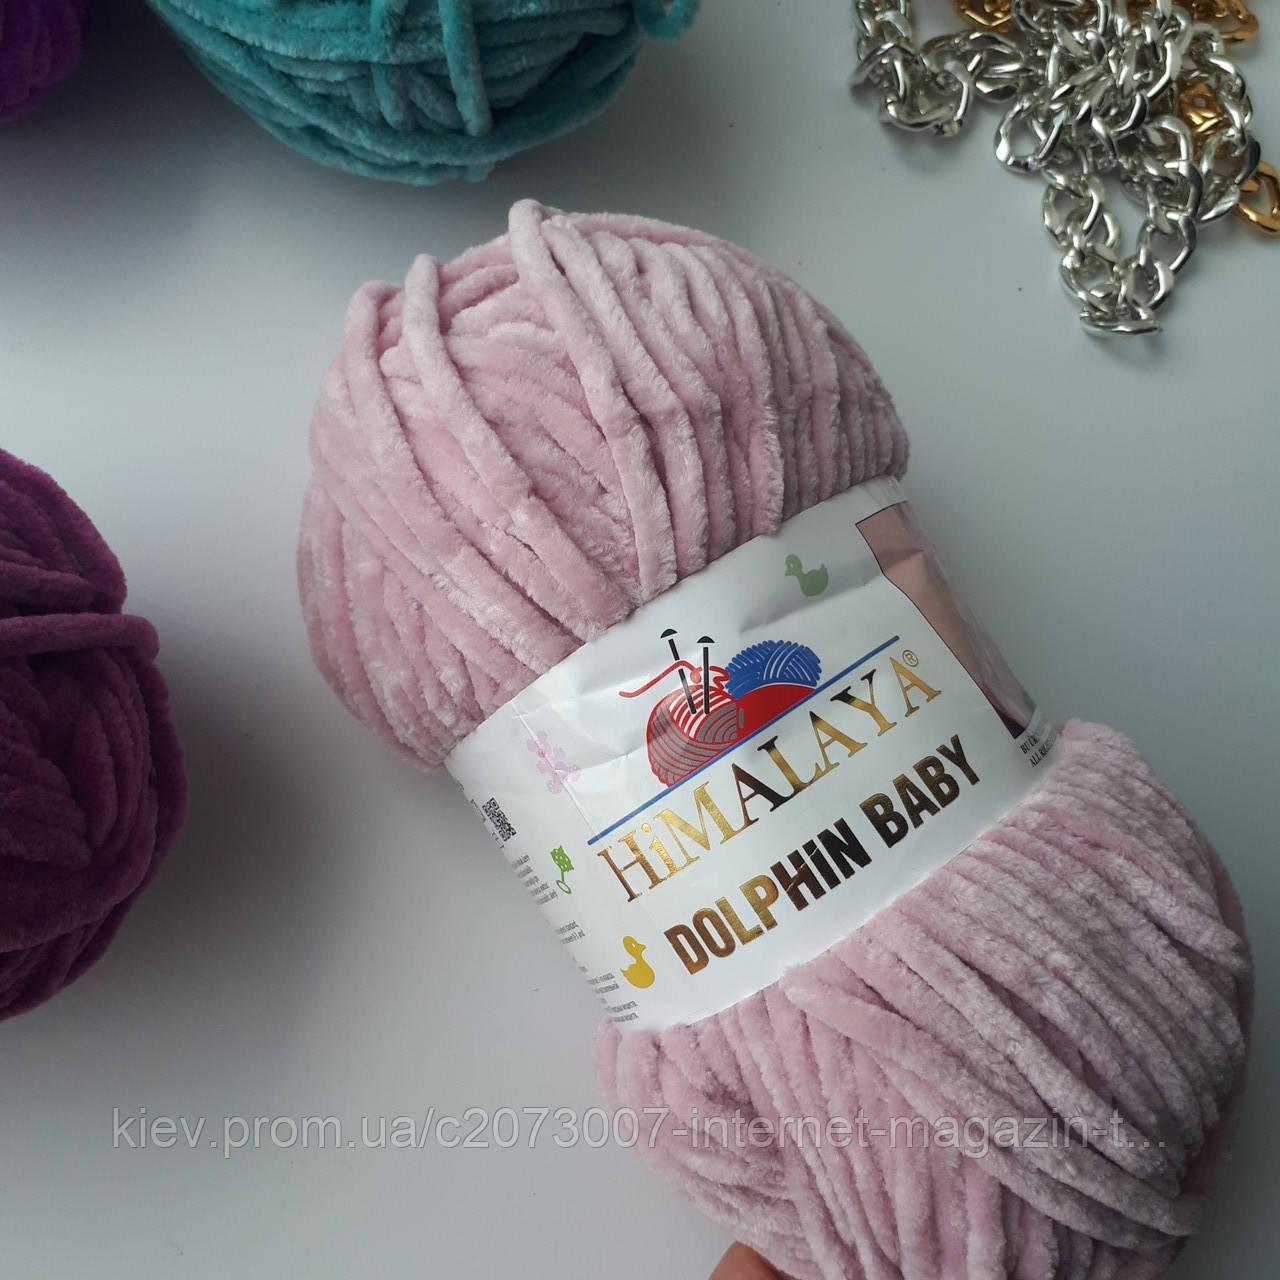 в наличии нитки для вязания Dolphin Baby Himalaya 80349 цвет пудра